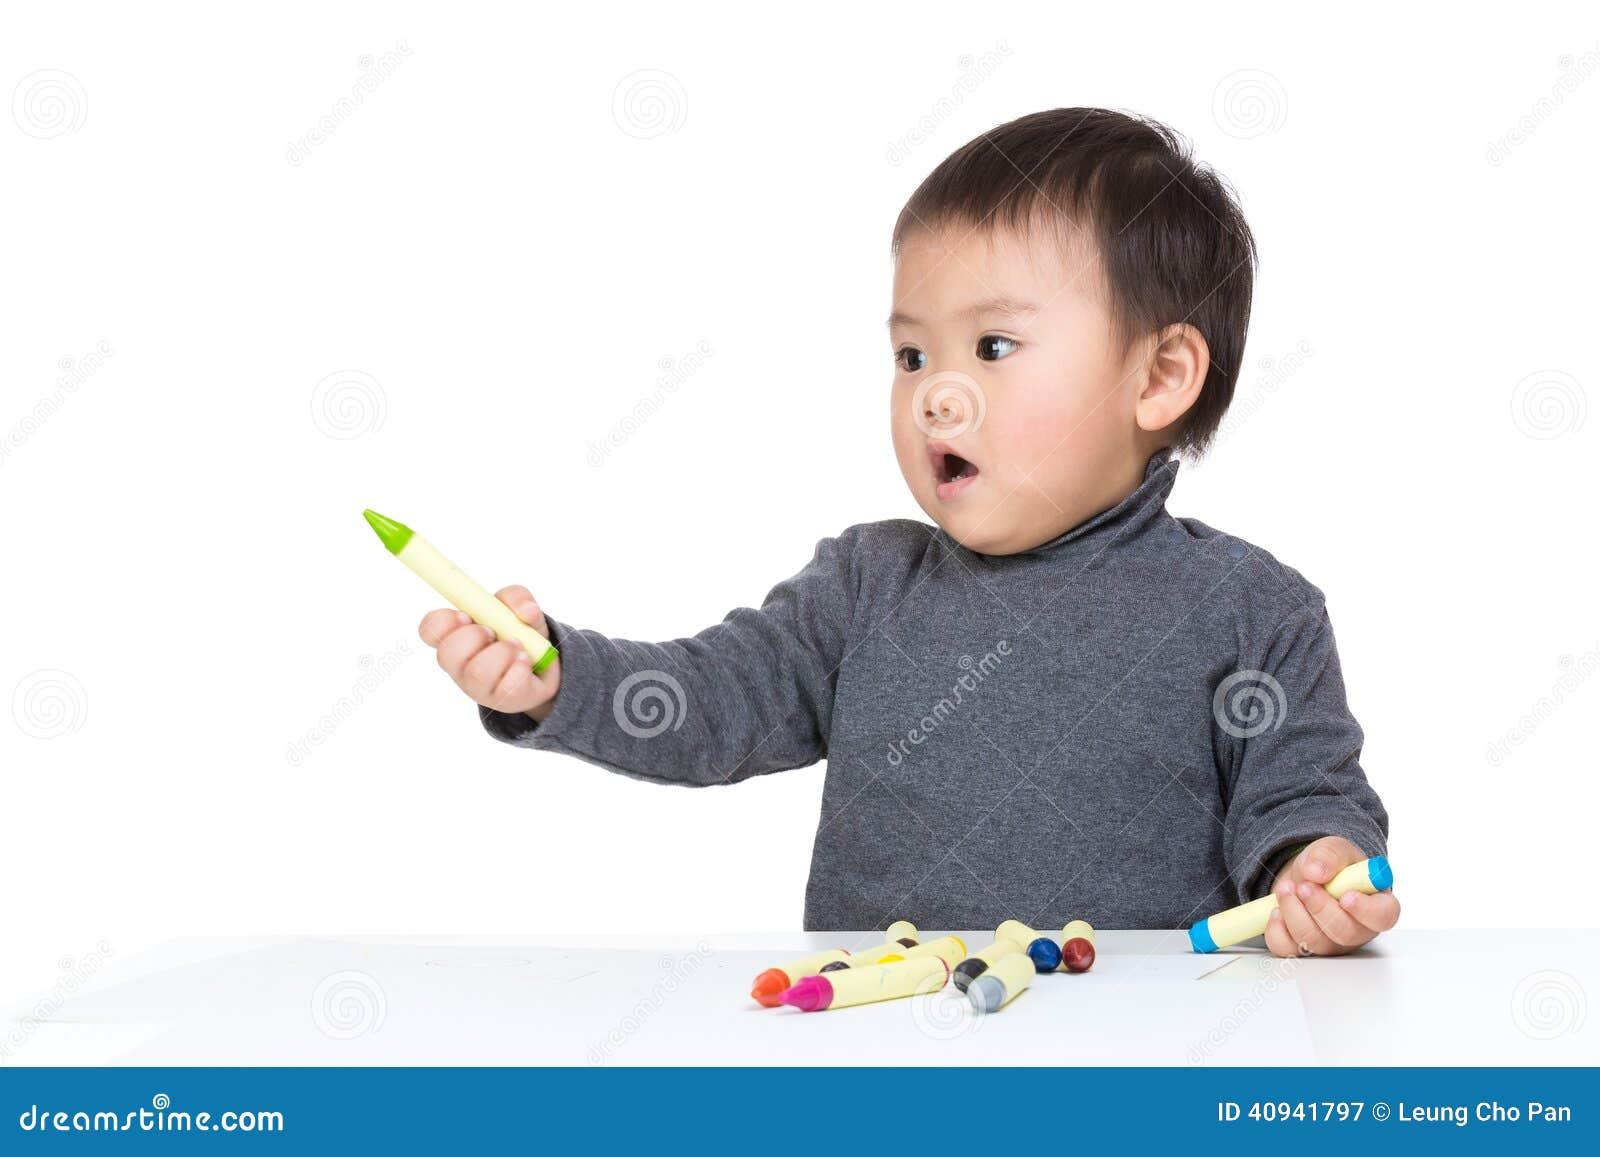 Drenaje lindo del niño con el creyón del color